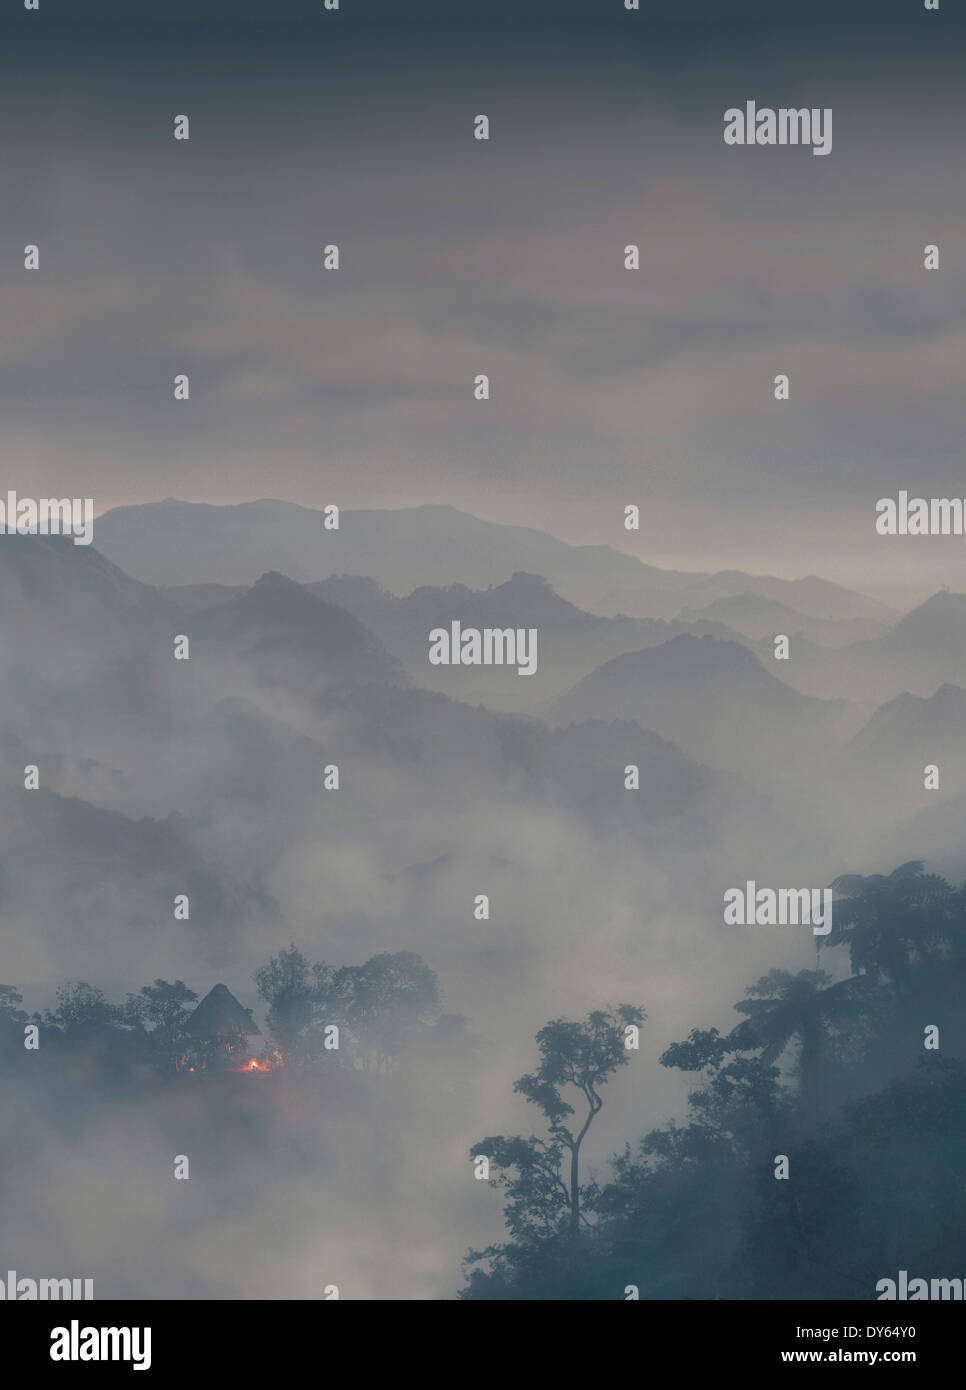 Capanna etniche e velatura su una montagna, Banaue, Ifugao, Filippine, Asia Immagini Stock